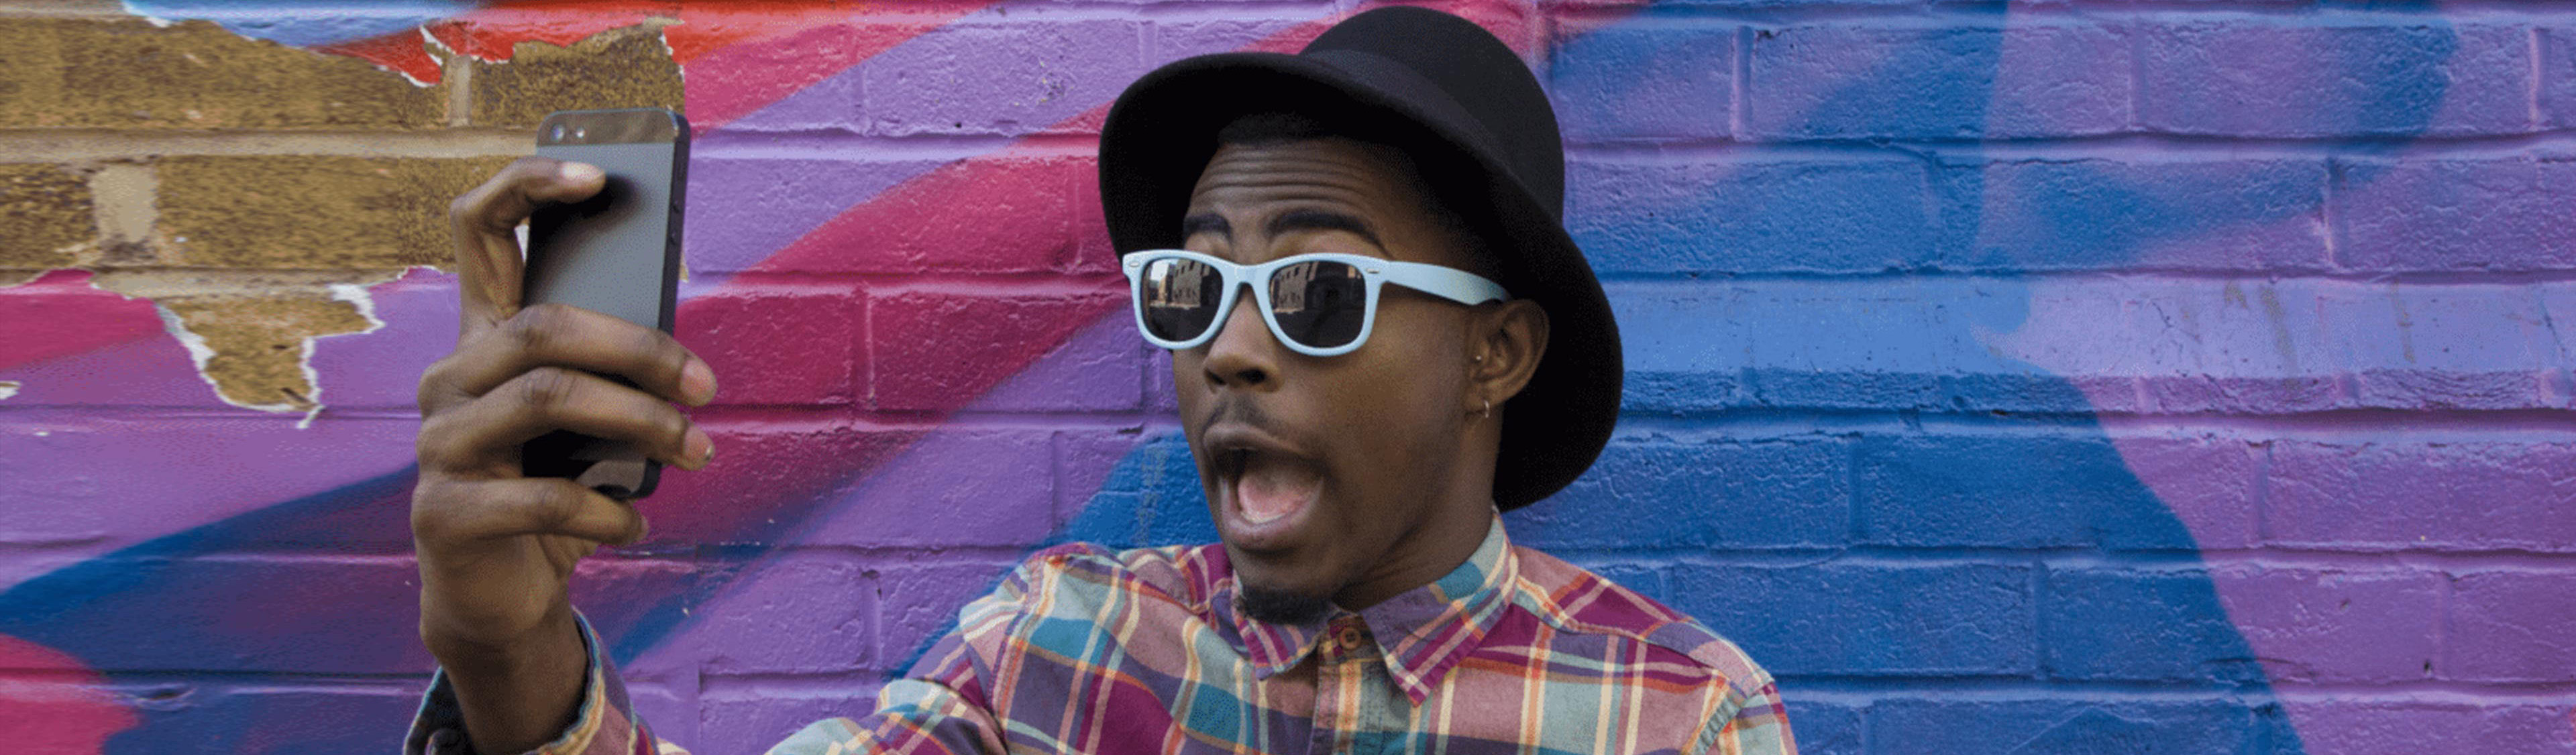 EY - Black man taking selfie near colorful wall